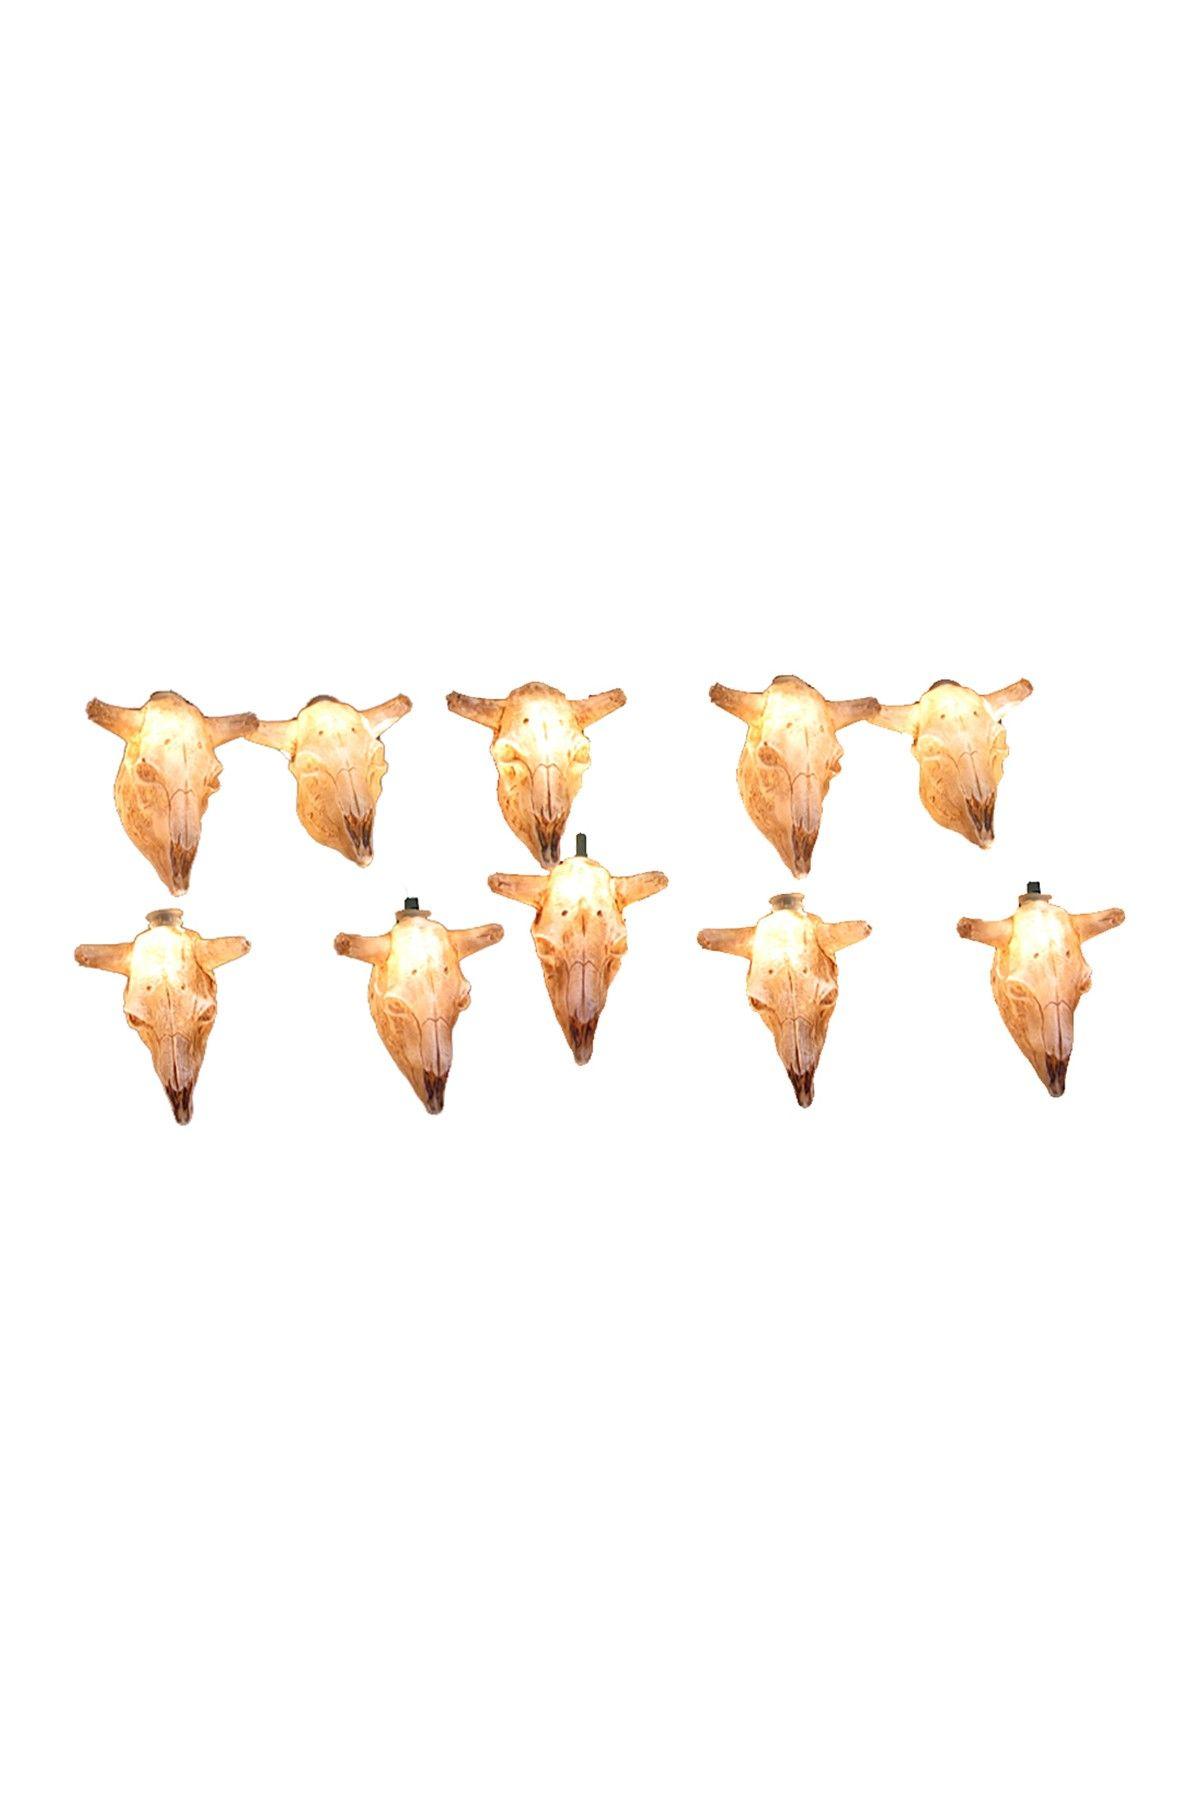 Cow Skull Light Set